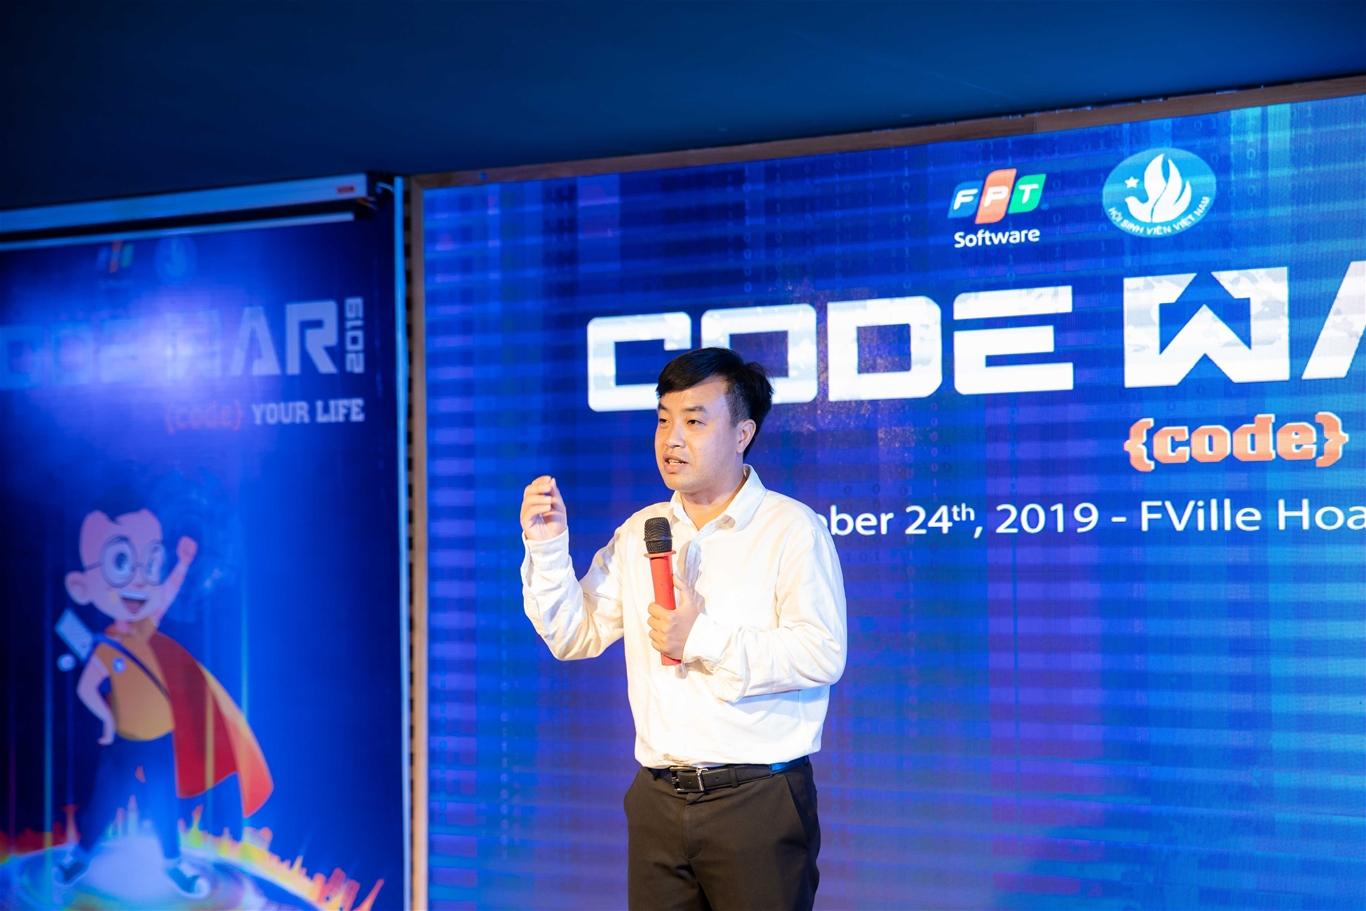 Anh Nguyễn Thiên Tú - Giám đốc Trung tâm Hỗ trợ và Phát triển Sinh viên Việt Nam động viên các đội thi trong buổi gặp mặt trước Vòng chung kết